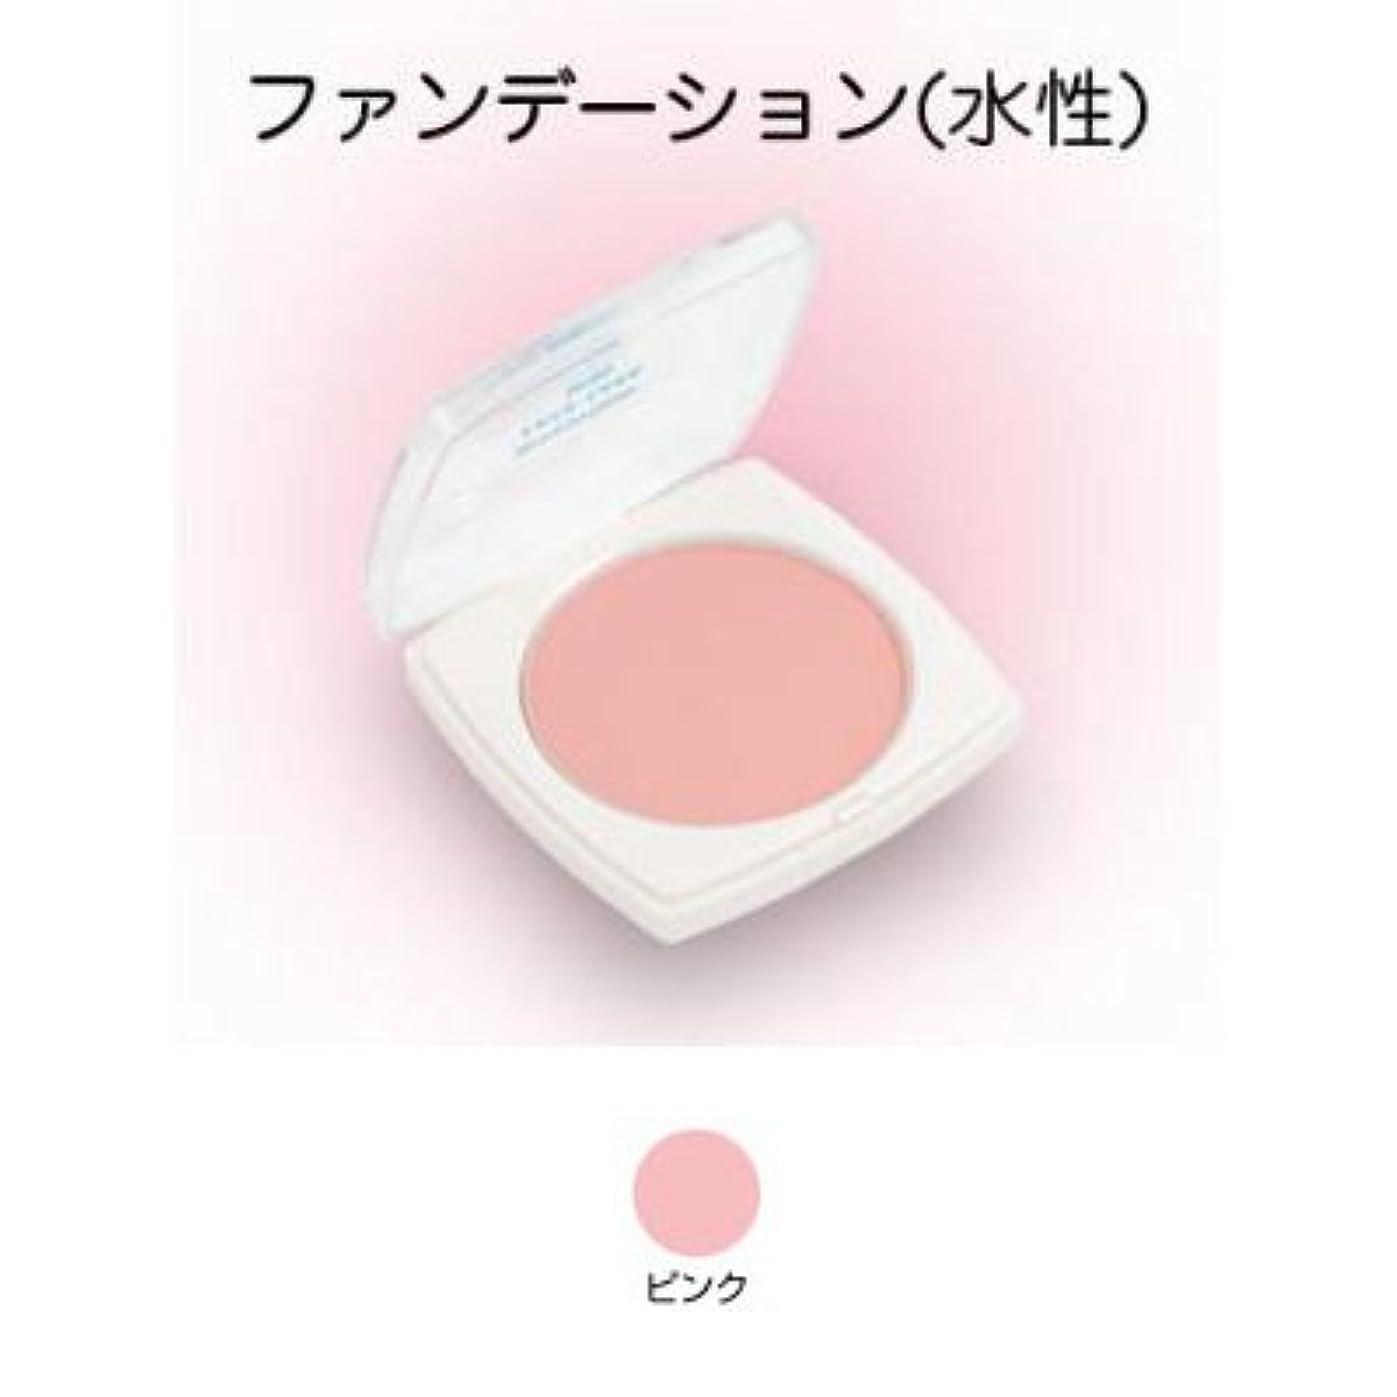 篭意外ナインへフェースケーキ ミニ 17g ピンク 【三善】